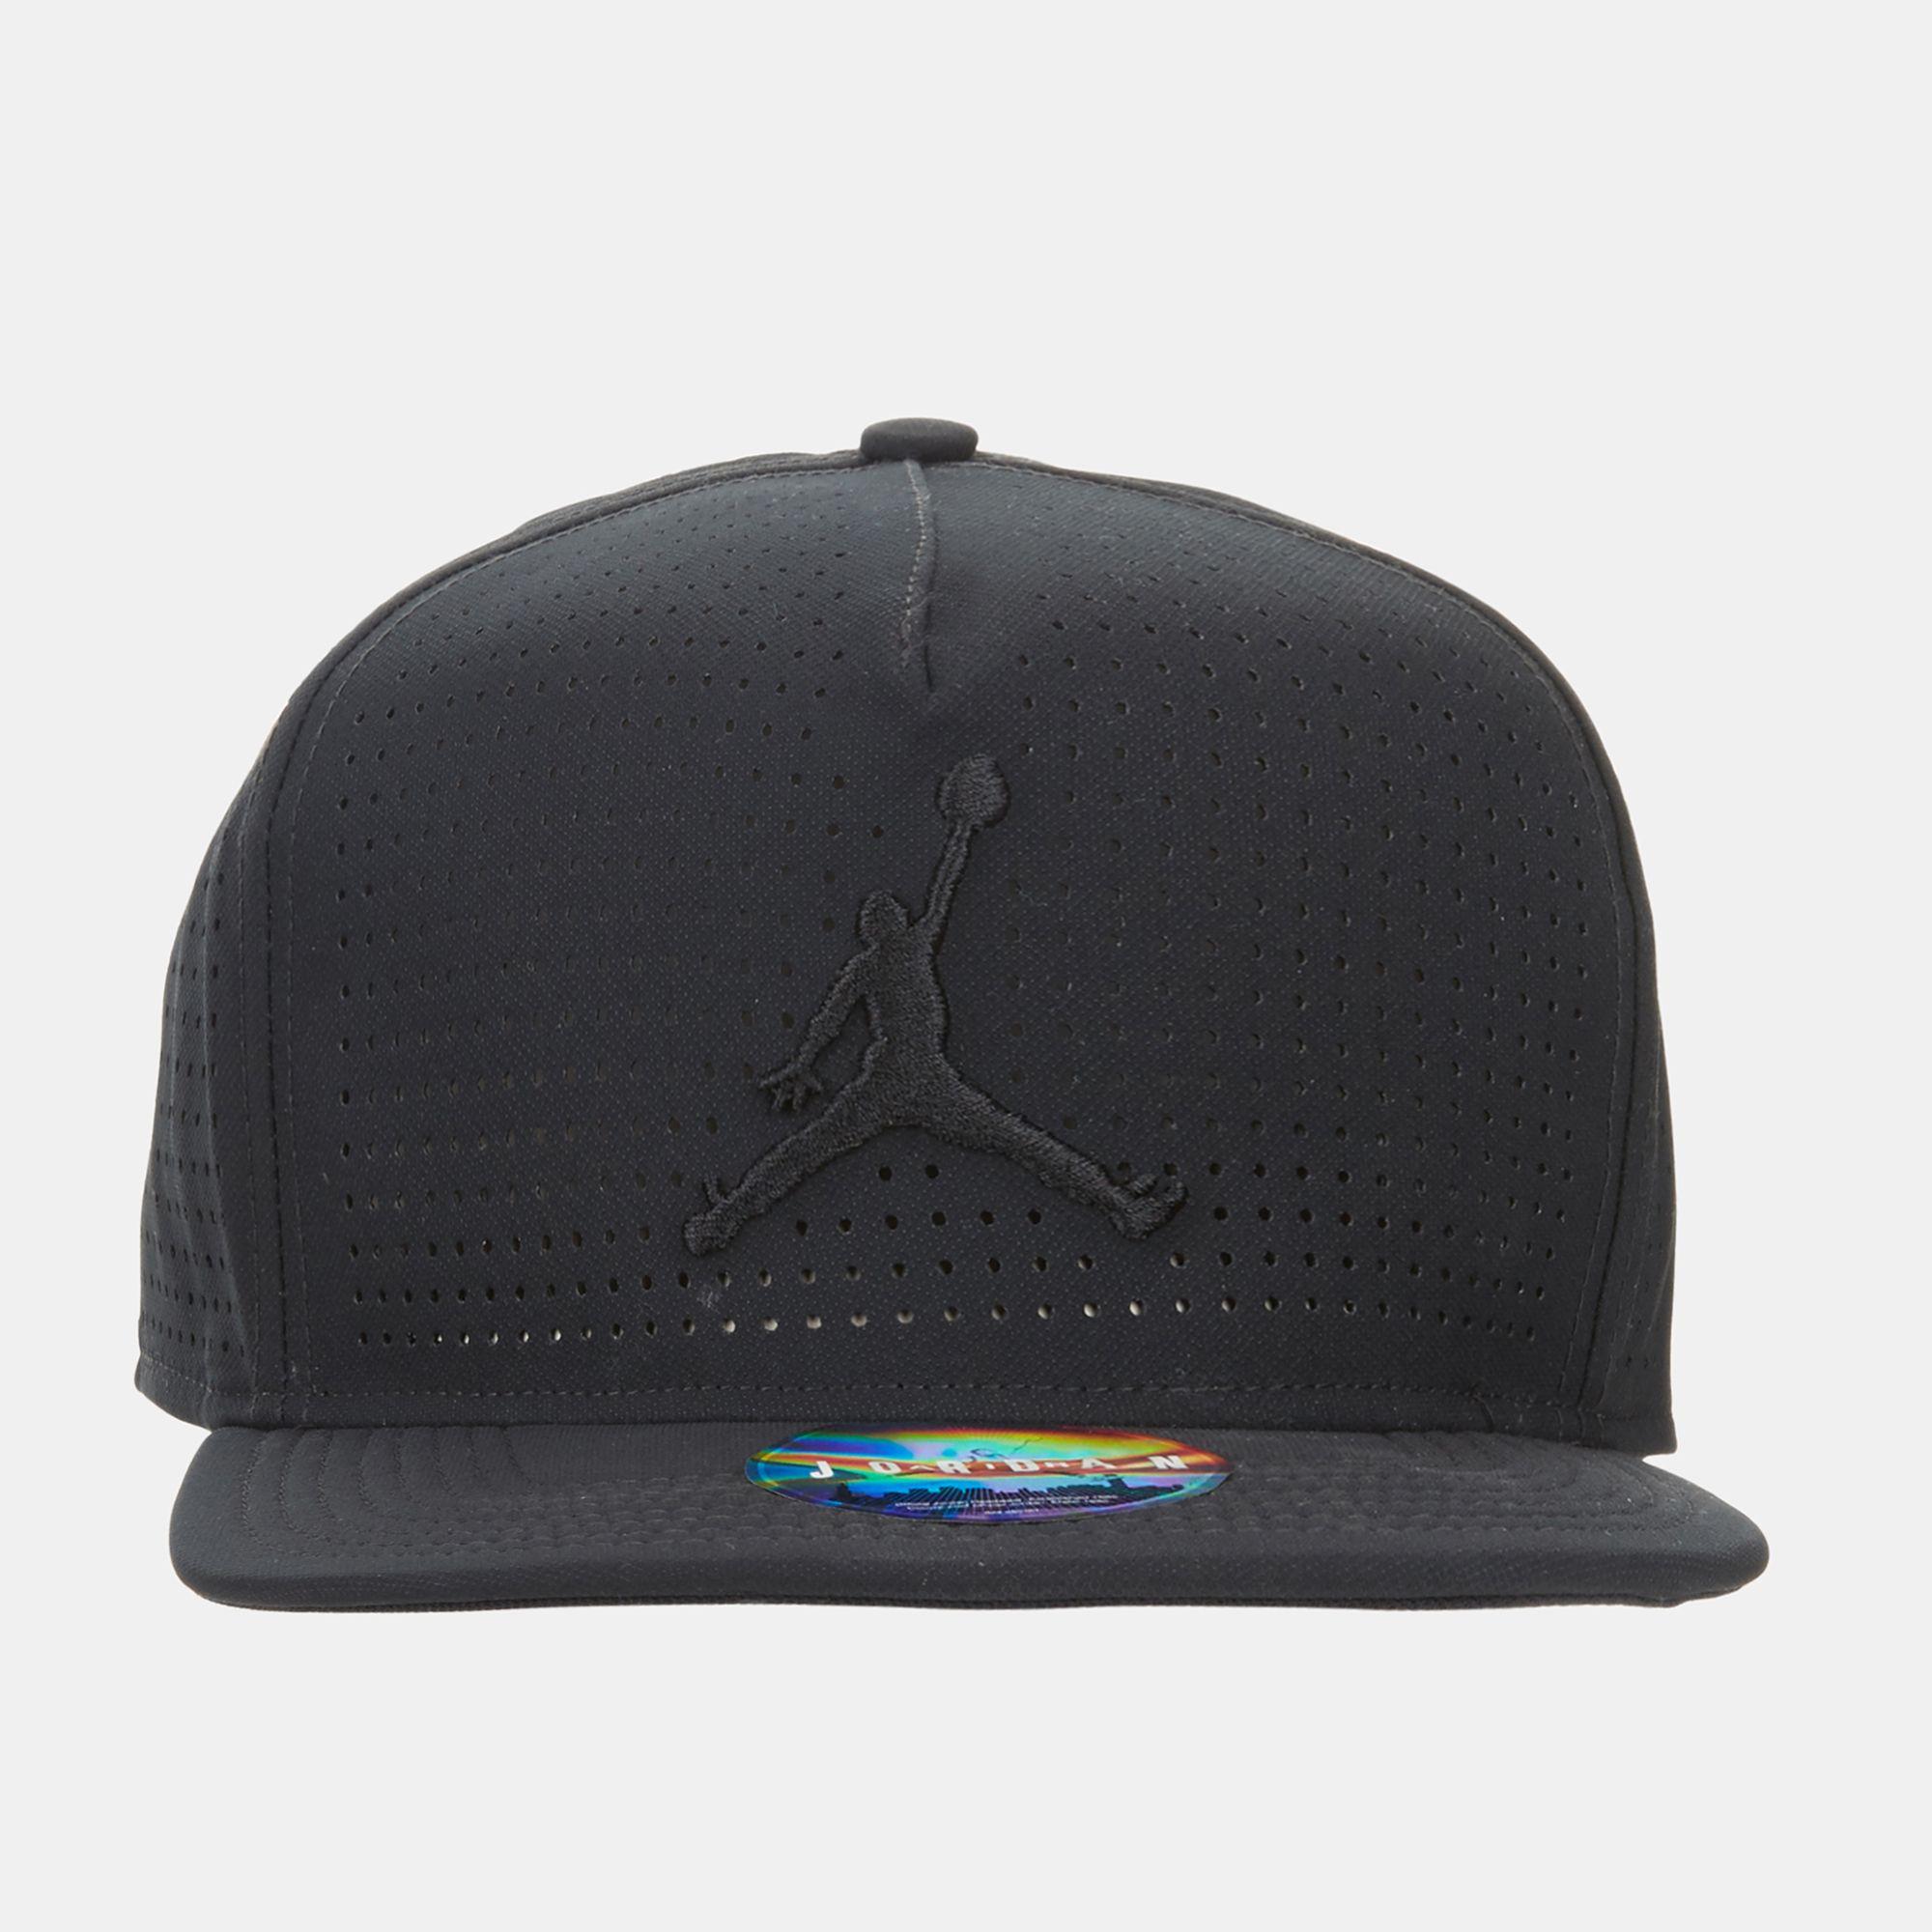 70c6666b6b8 Jordan Jumpman Perforated Snapback Cap - Black